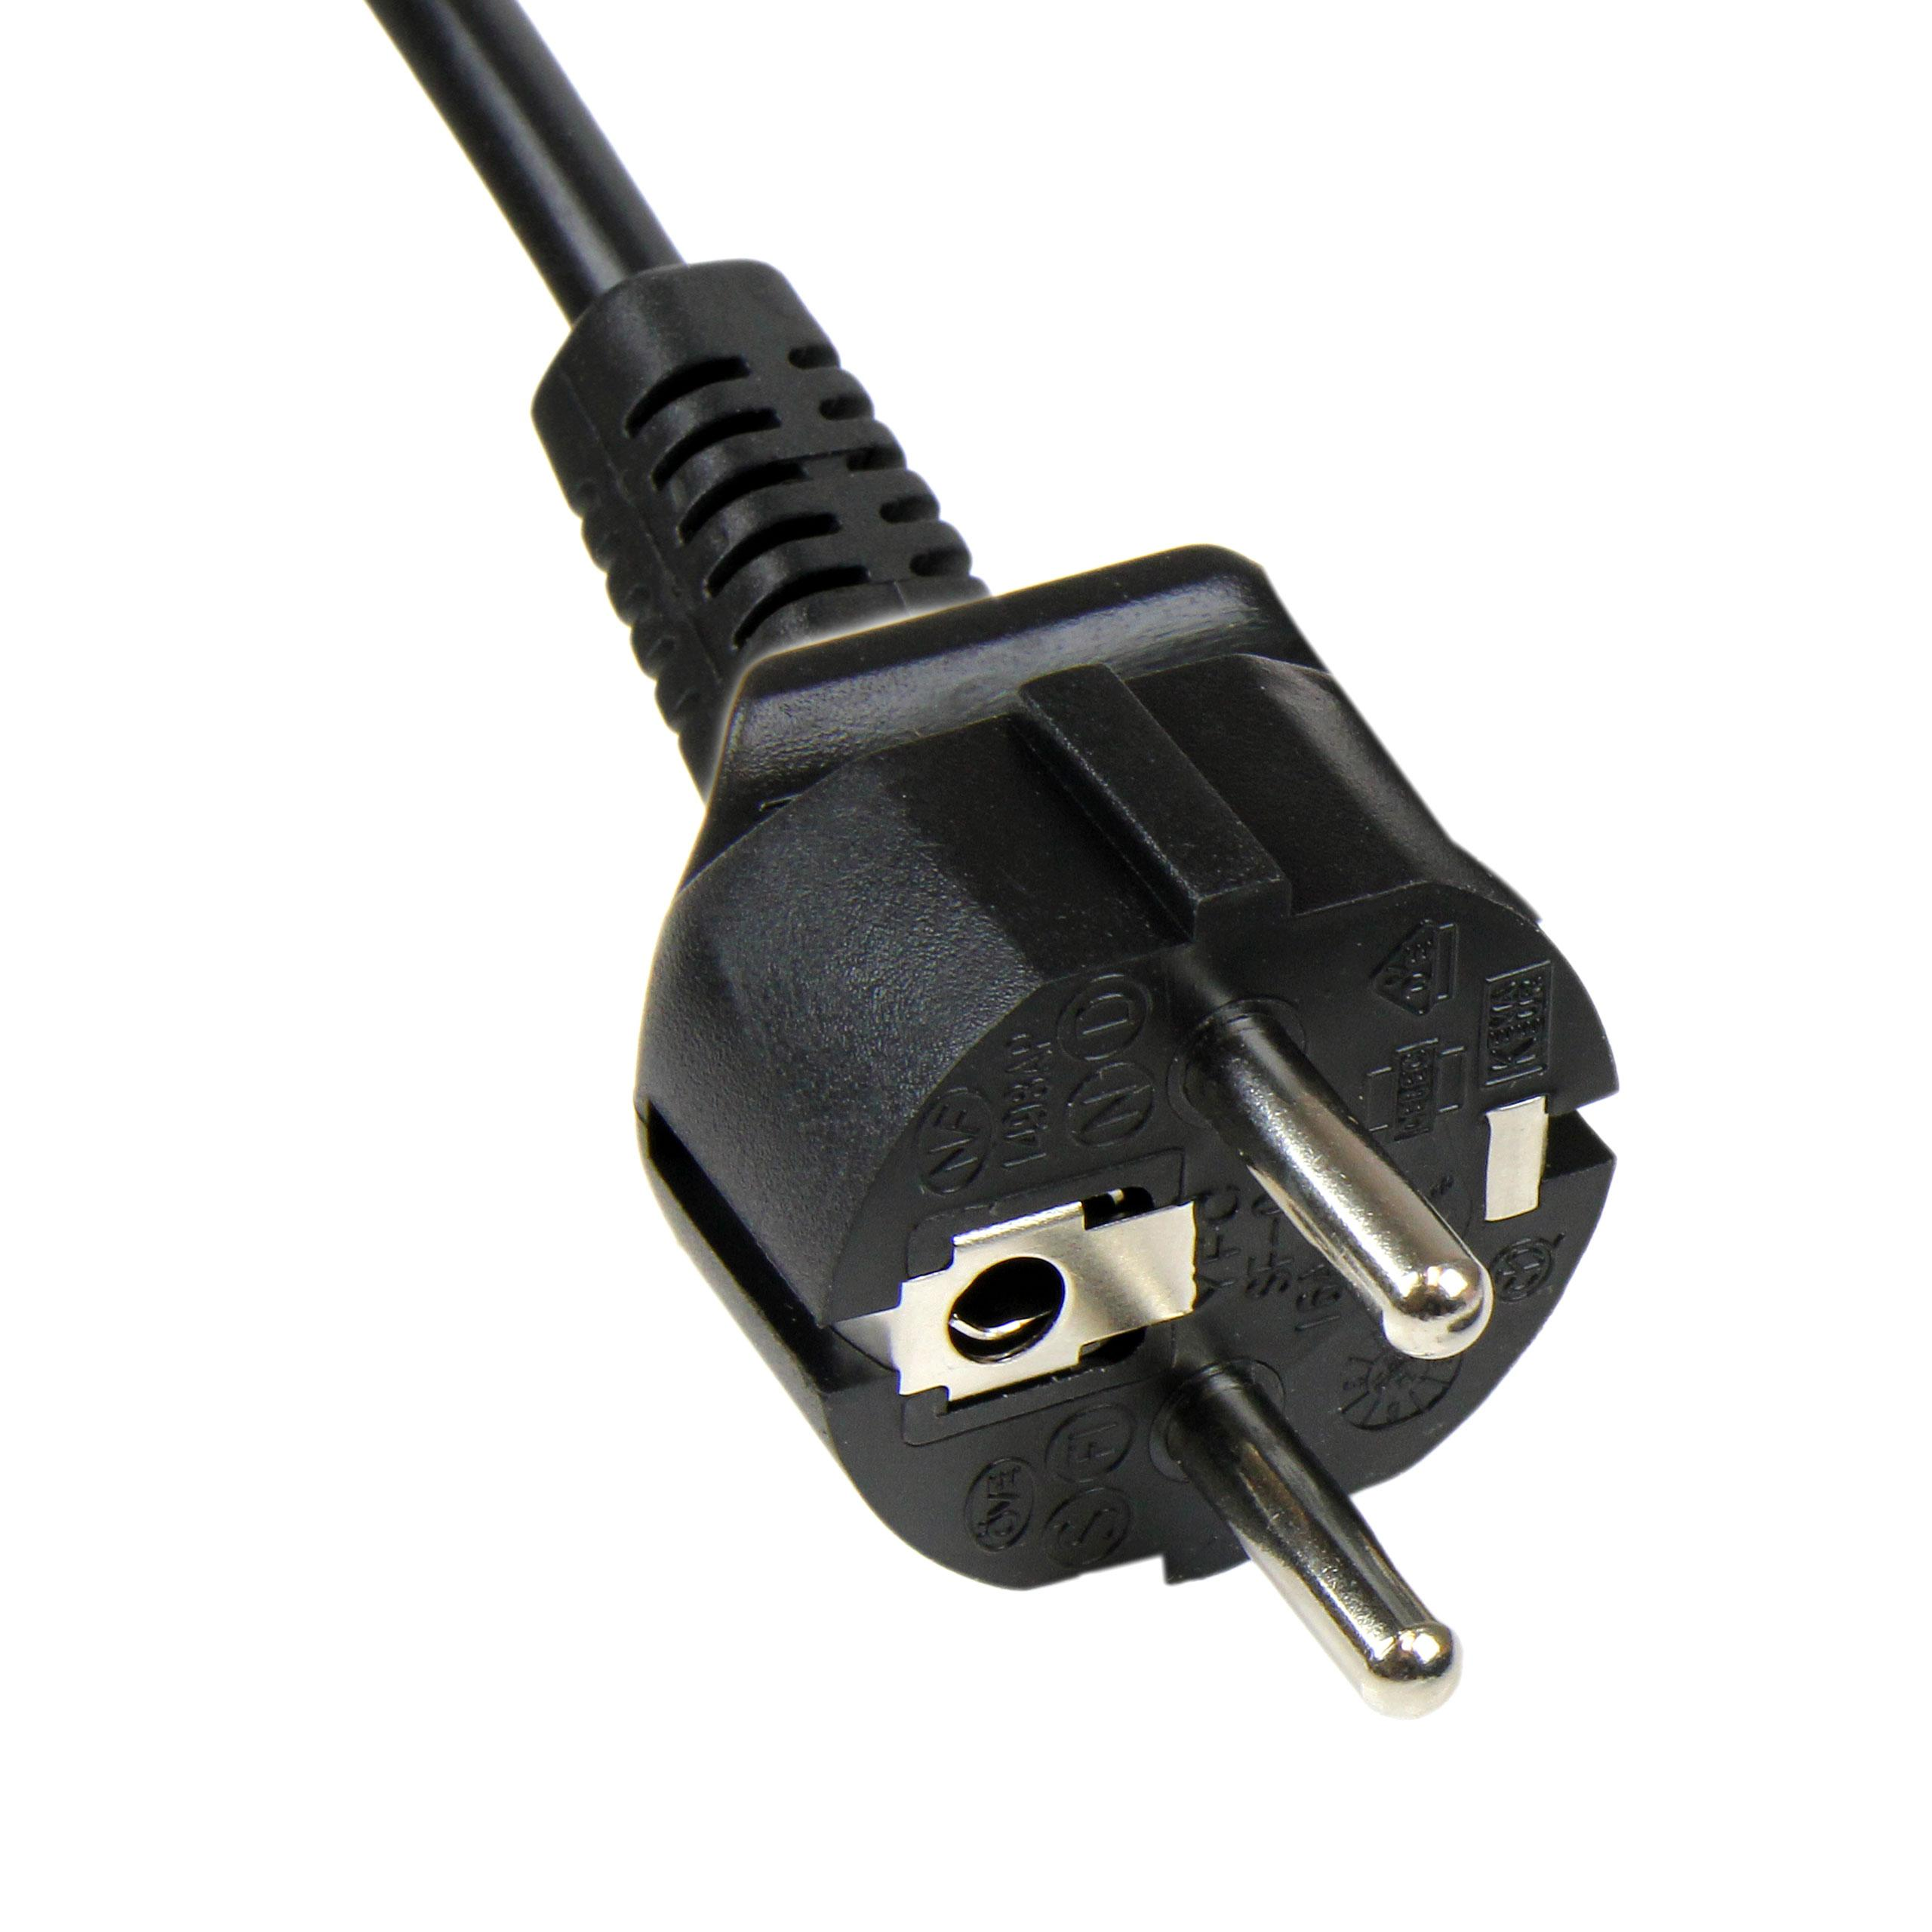 StarTech.com PXTNB3SEU1M - Cable de alimentación con 3